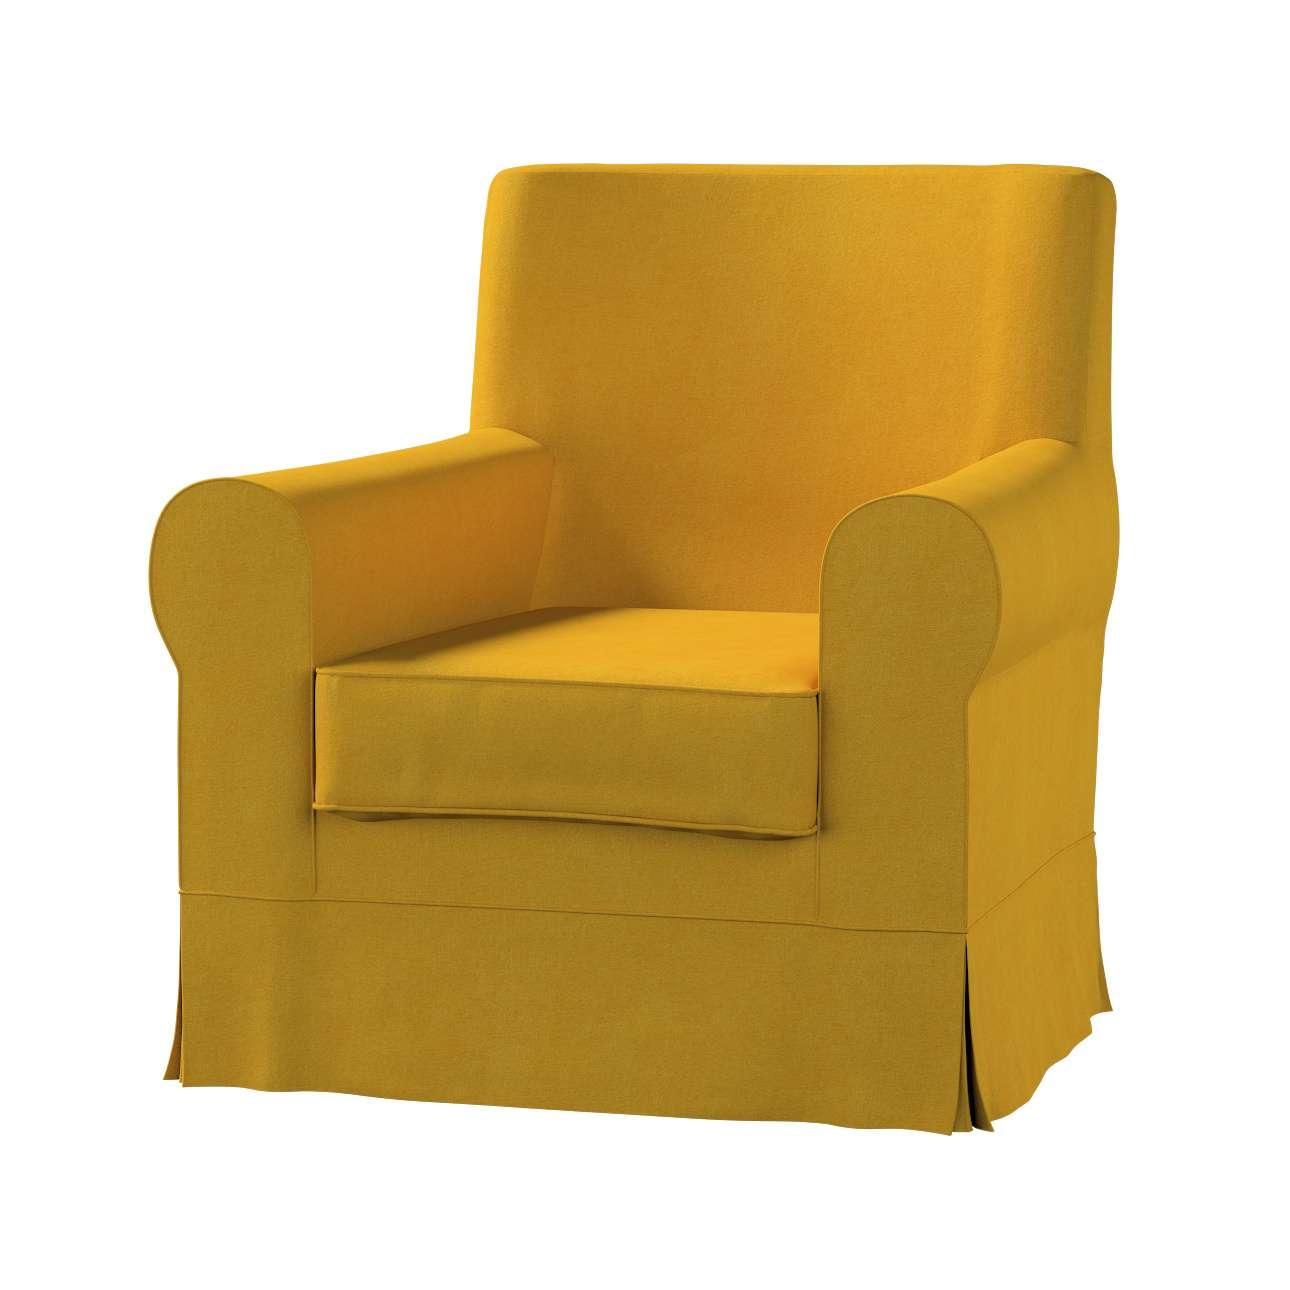 EKTORP JENNYLUND fotelio užvalkalas Ektorp Jennylund fotelio užvalkalas kolekcijoje Etna , audinys: 705-04